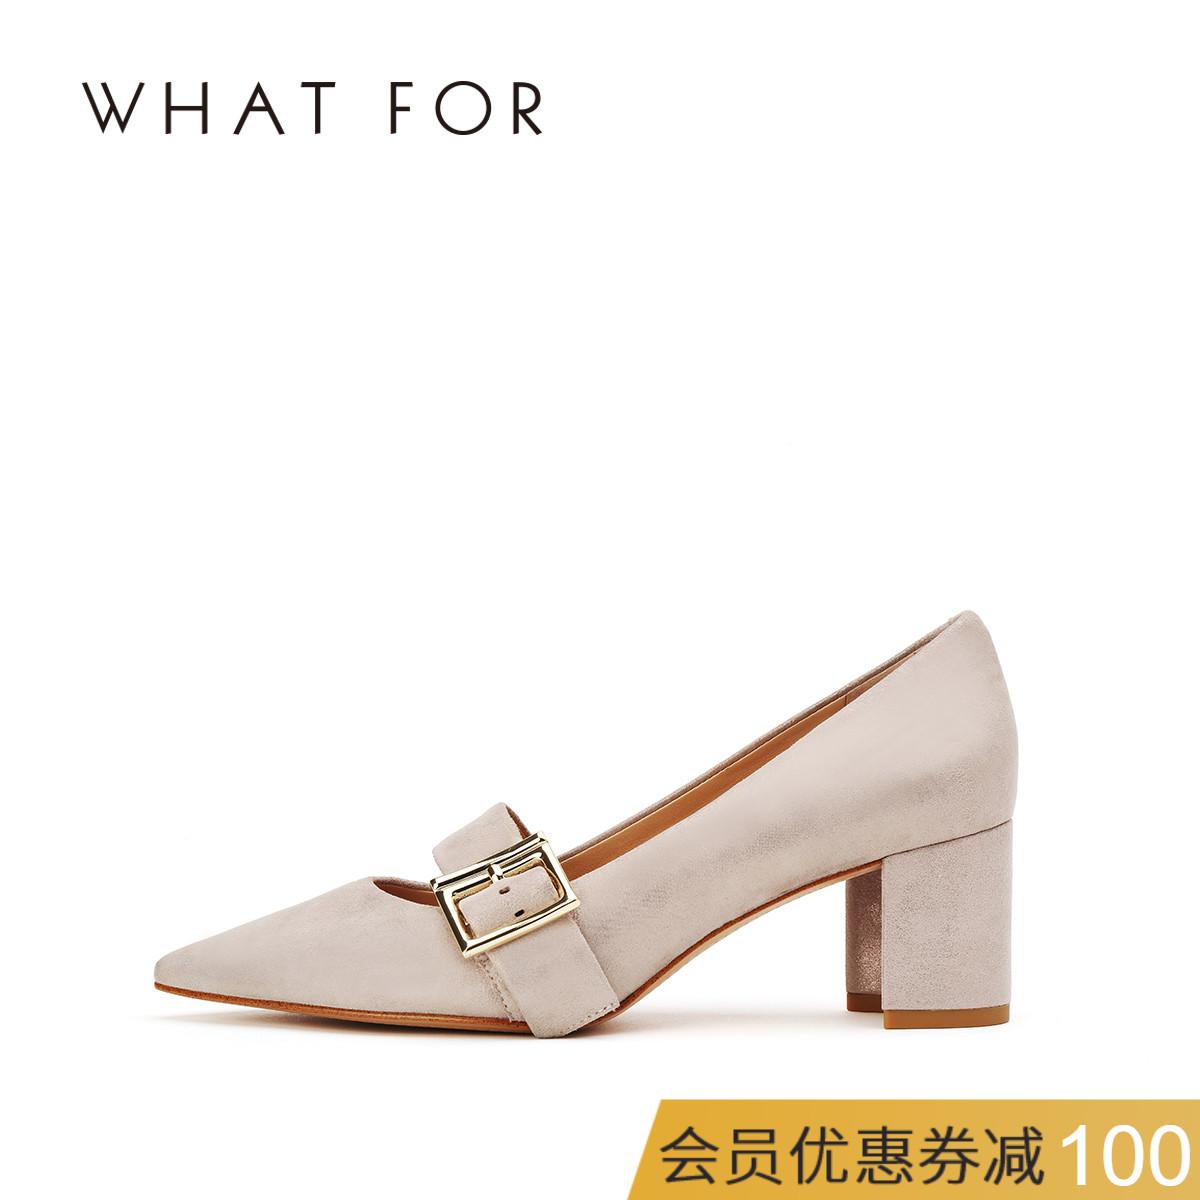 WHAT FOR2018新款夏季羊皮浅口尖头时尚百搭简约粗高跟鞋女士单鞋